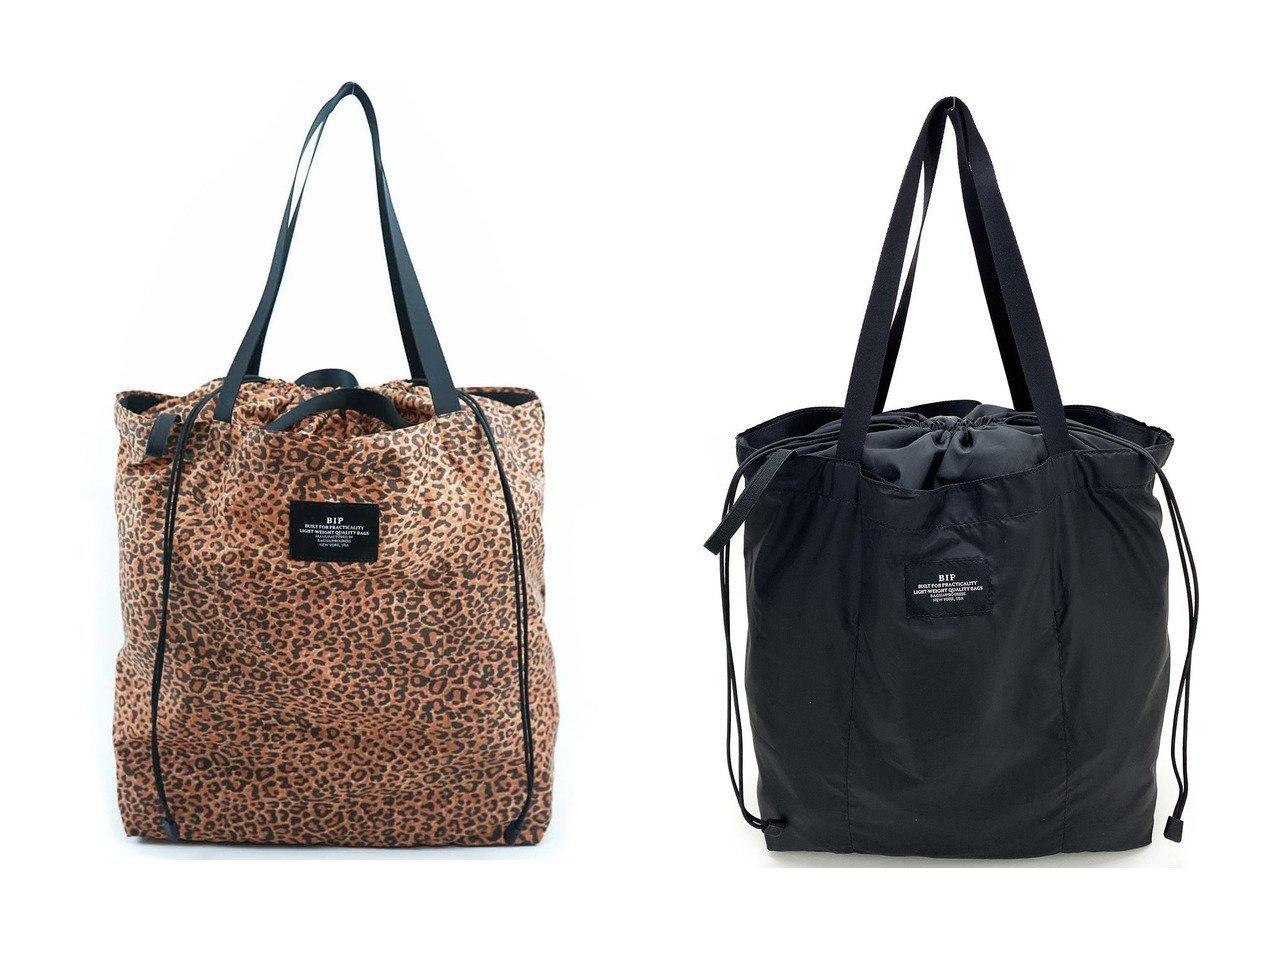 【BAGS IN PROGRESS/バッグス イン プログレス】のPackable Large レオパード柄トートバッグ&Packable Large トートバッグ バッグス イン プログレスのおすすめ!人気、トレンド・レディースファッションの通販  おすすめで人気の流行・トレンド、ファッションの通販商品 メンズファッション・キッズファッション・インテリア・家具・レディースファッション・服の通販 founy(ファニー) https://founy.com/ ファッション Fashion レディースファッション WOMEN バッグ Bag 2021年 2021 2021 春夏 S/S SS Spring/Summer 2021 S/S 春夏 SS Spring/Summer レオパード 巾着 春 Spring |ID:crp329100000021162